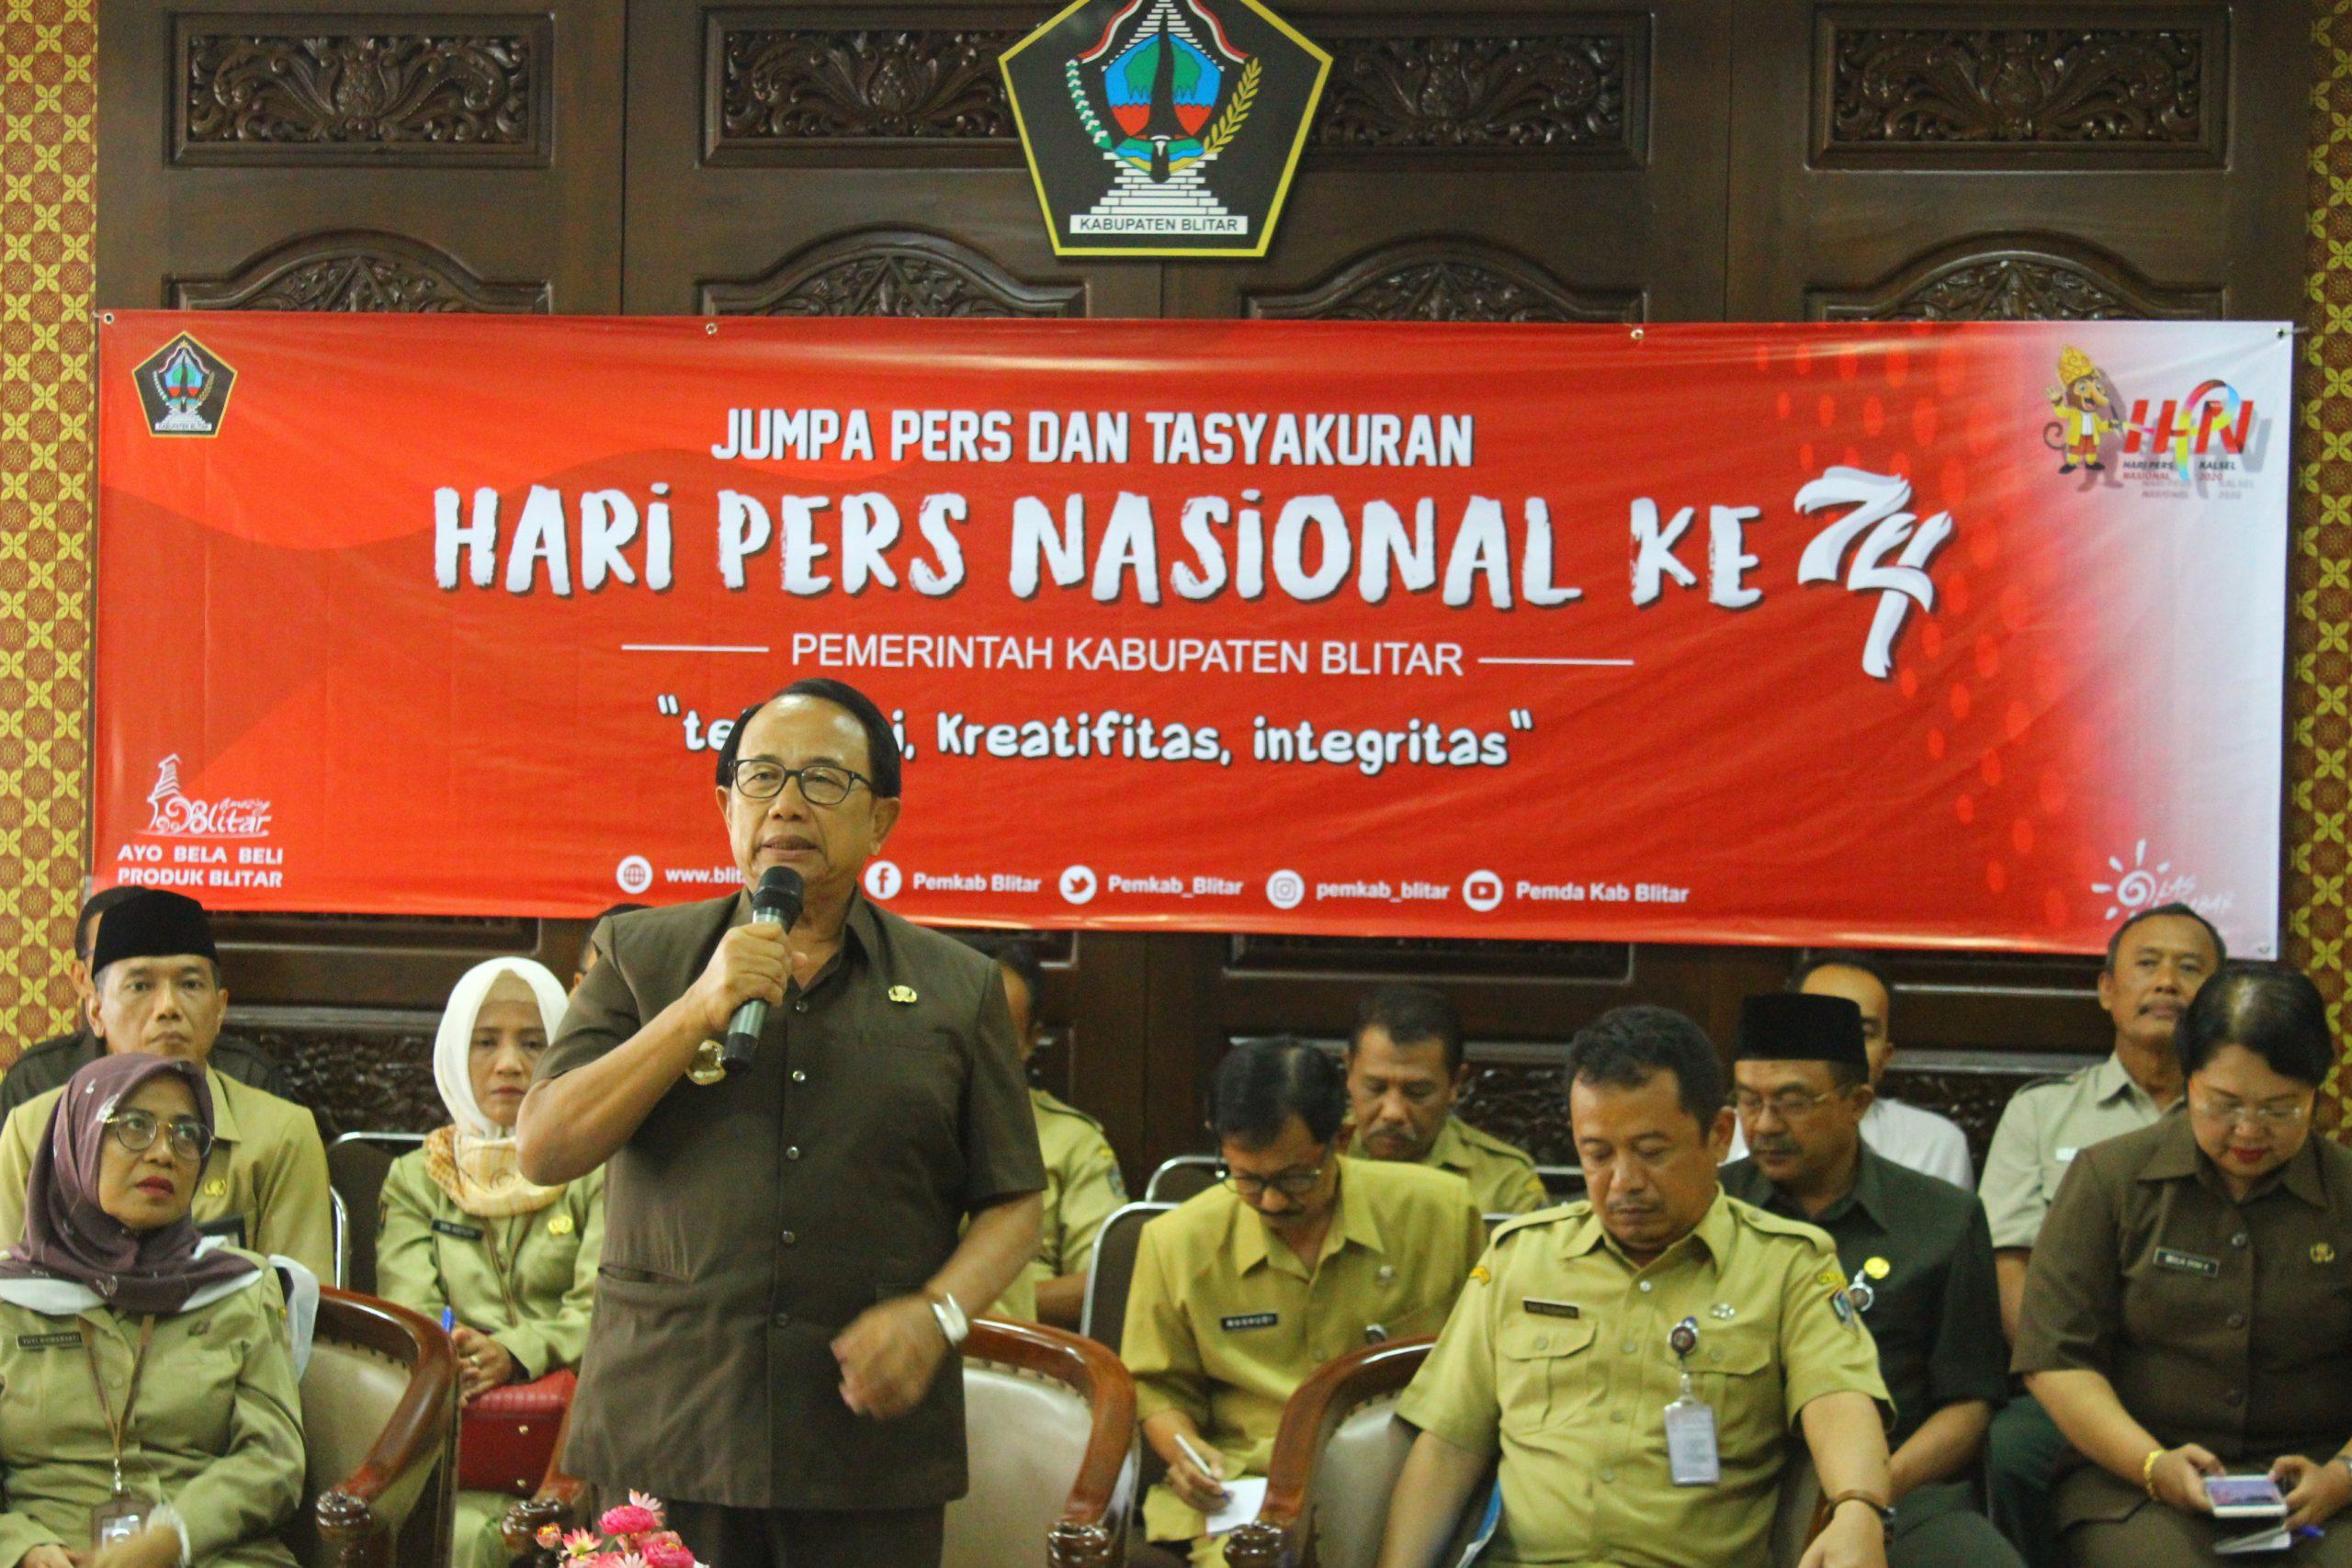 Memperingati Hari Pers Nasional (HPN) ke-74